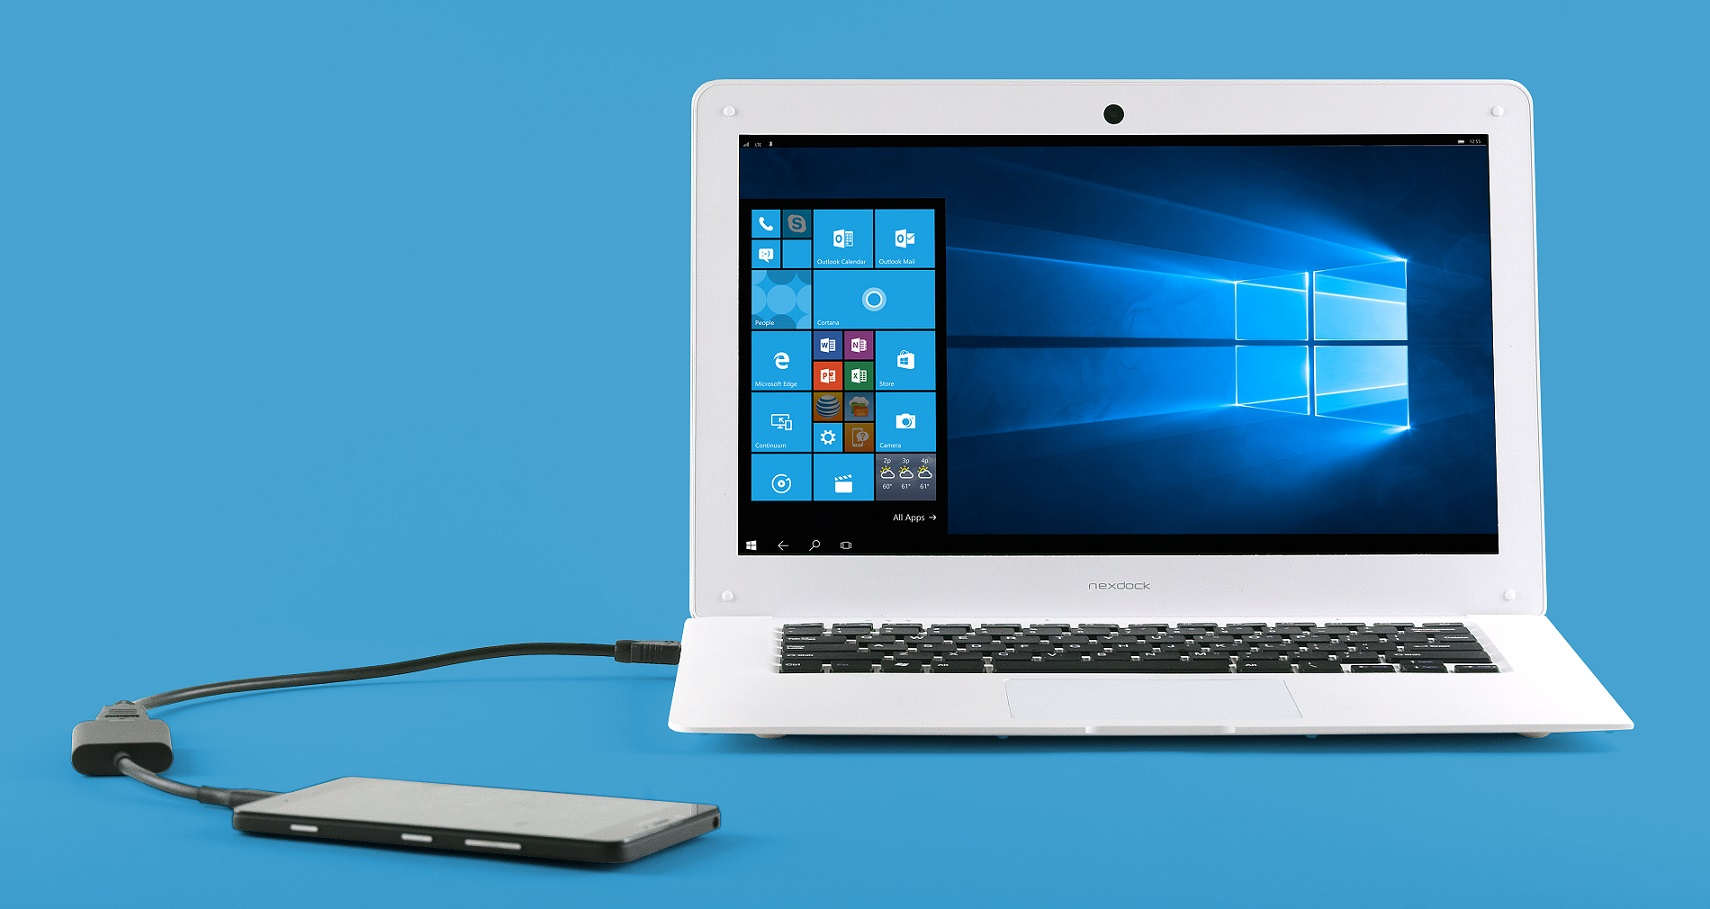 """Projekt NexDock - """"pusty"""" laptop (ekran + klawiatura). Smartfon z Windows 10 Mobile i Continuum będzie jego zewnętrznym wnętrzem."""